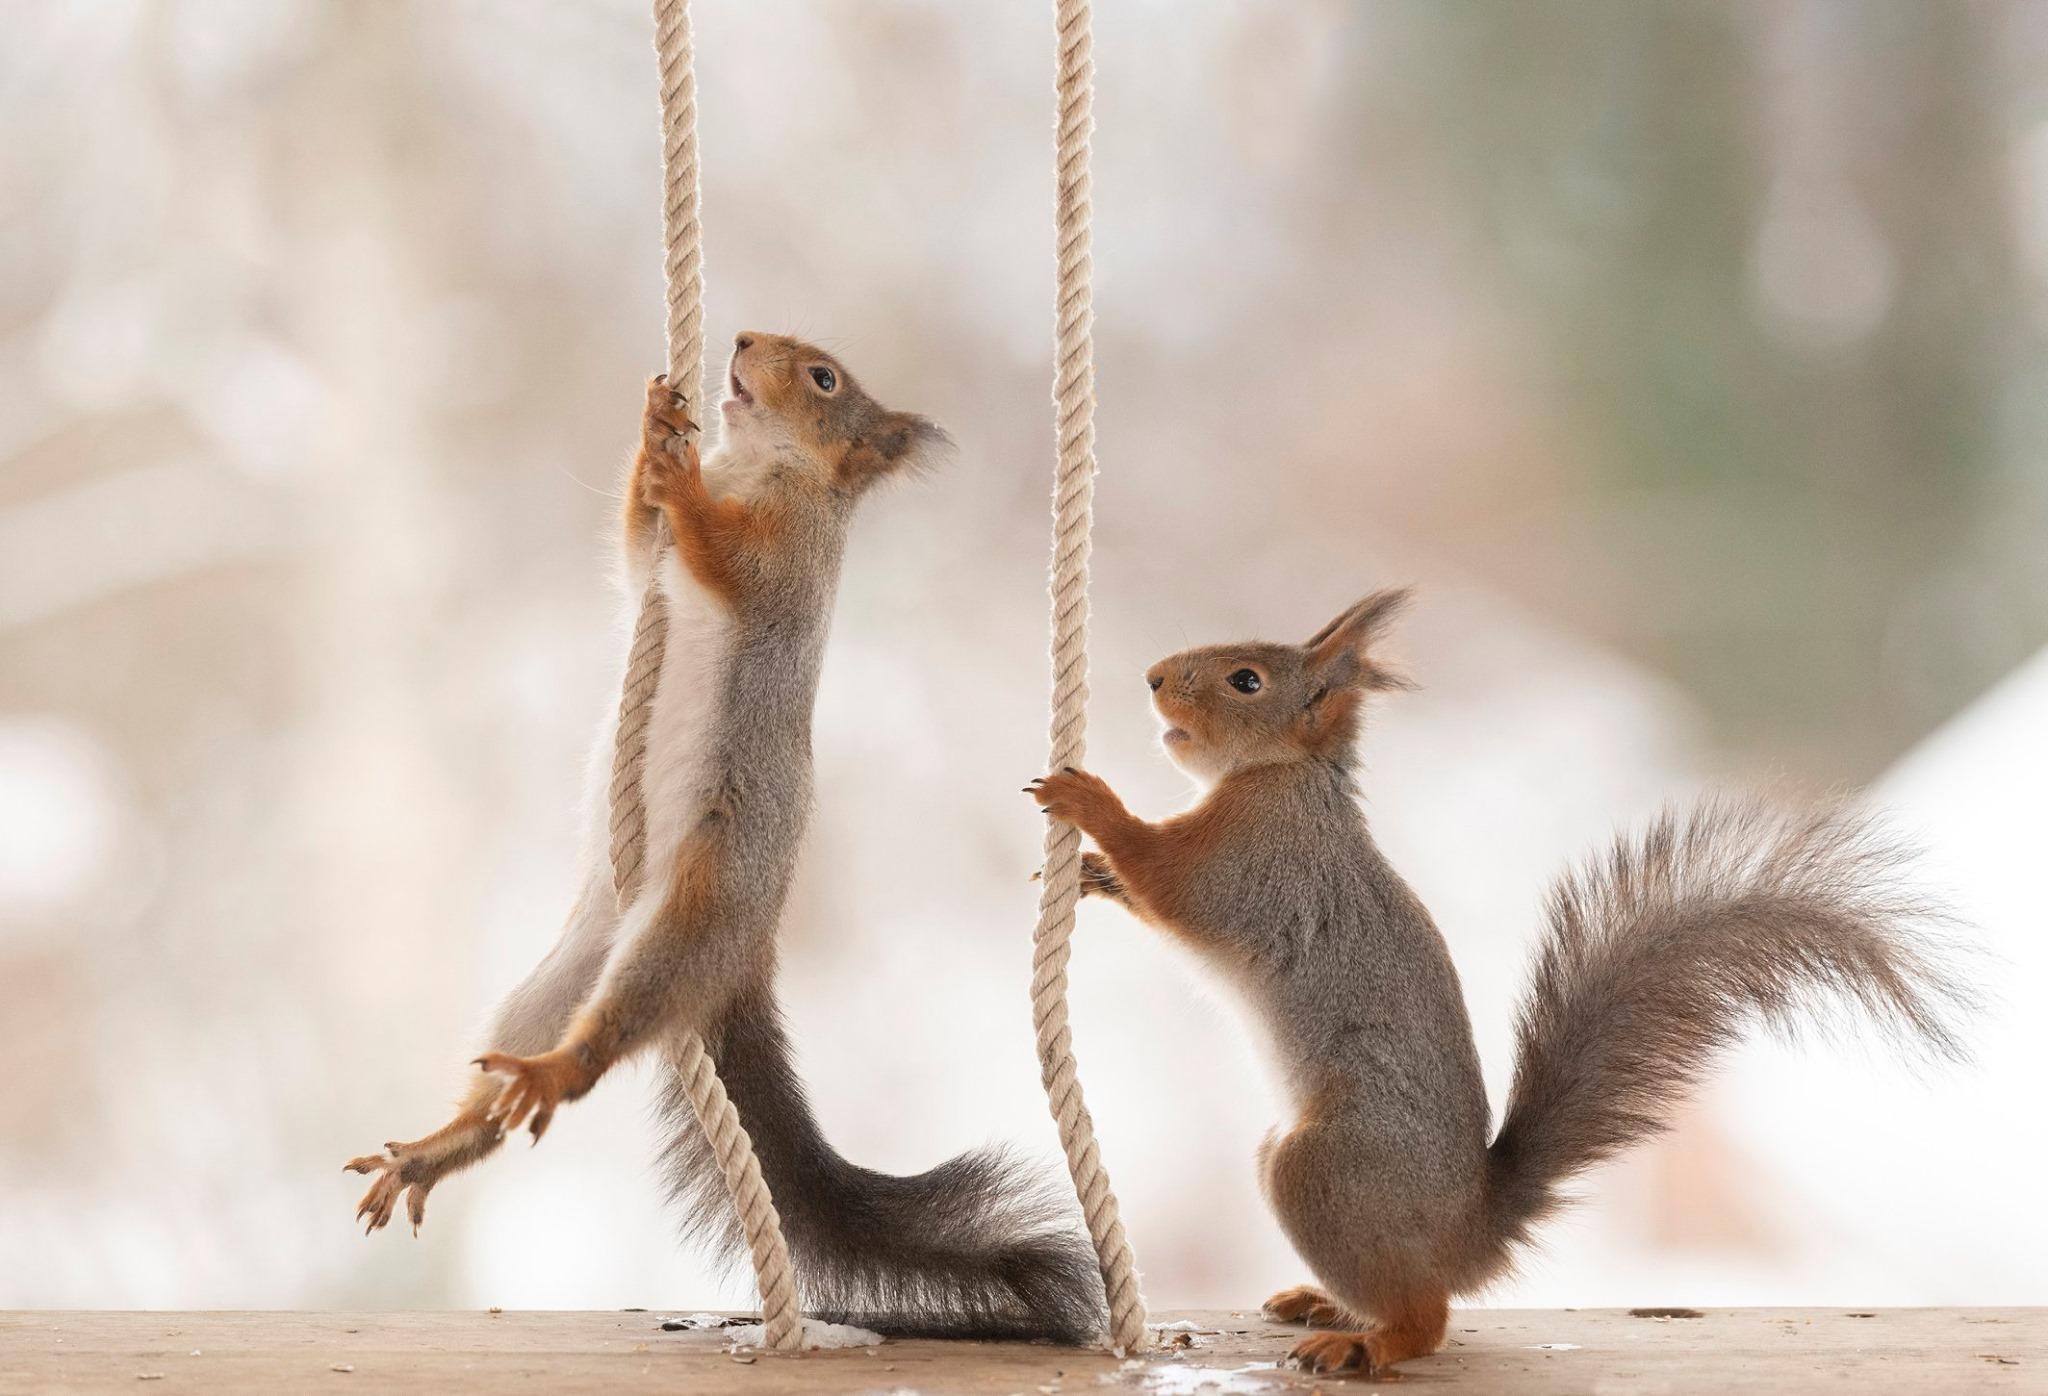 سناجب تتسلق الحبال